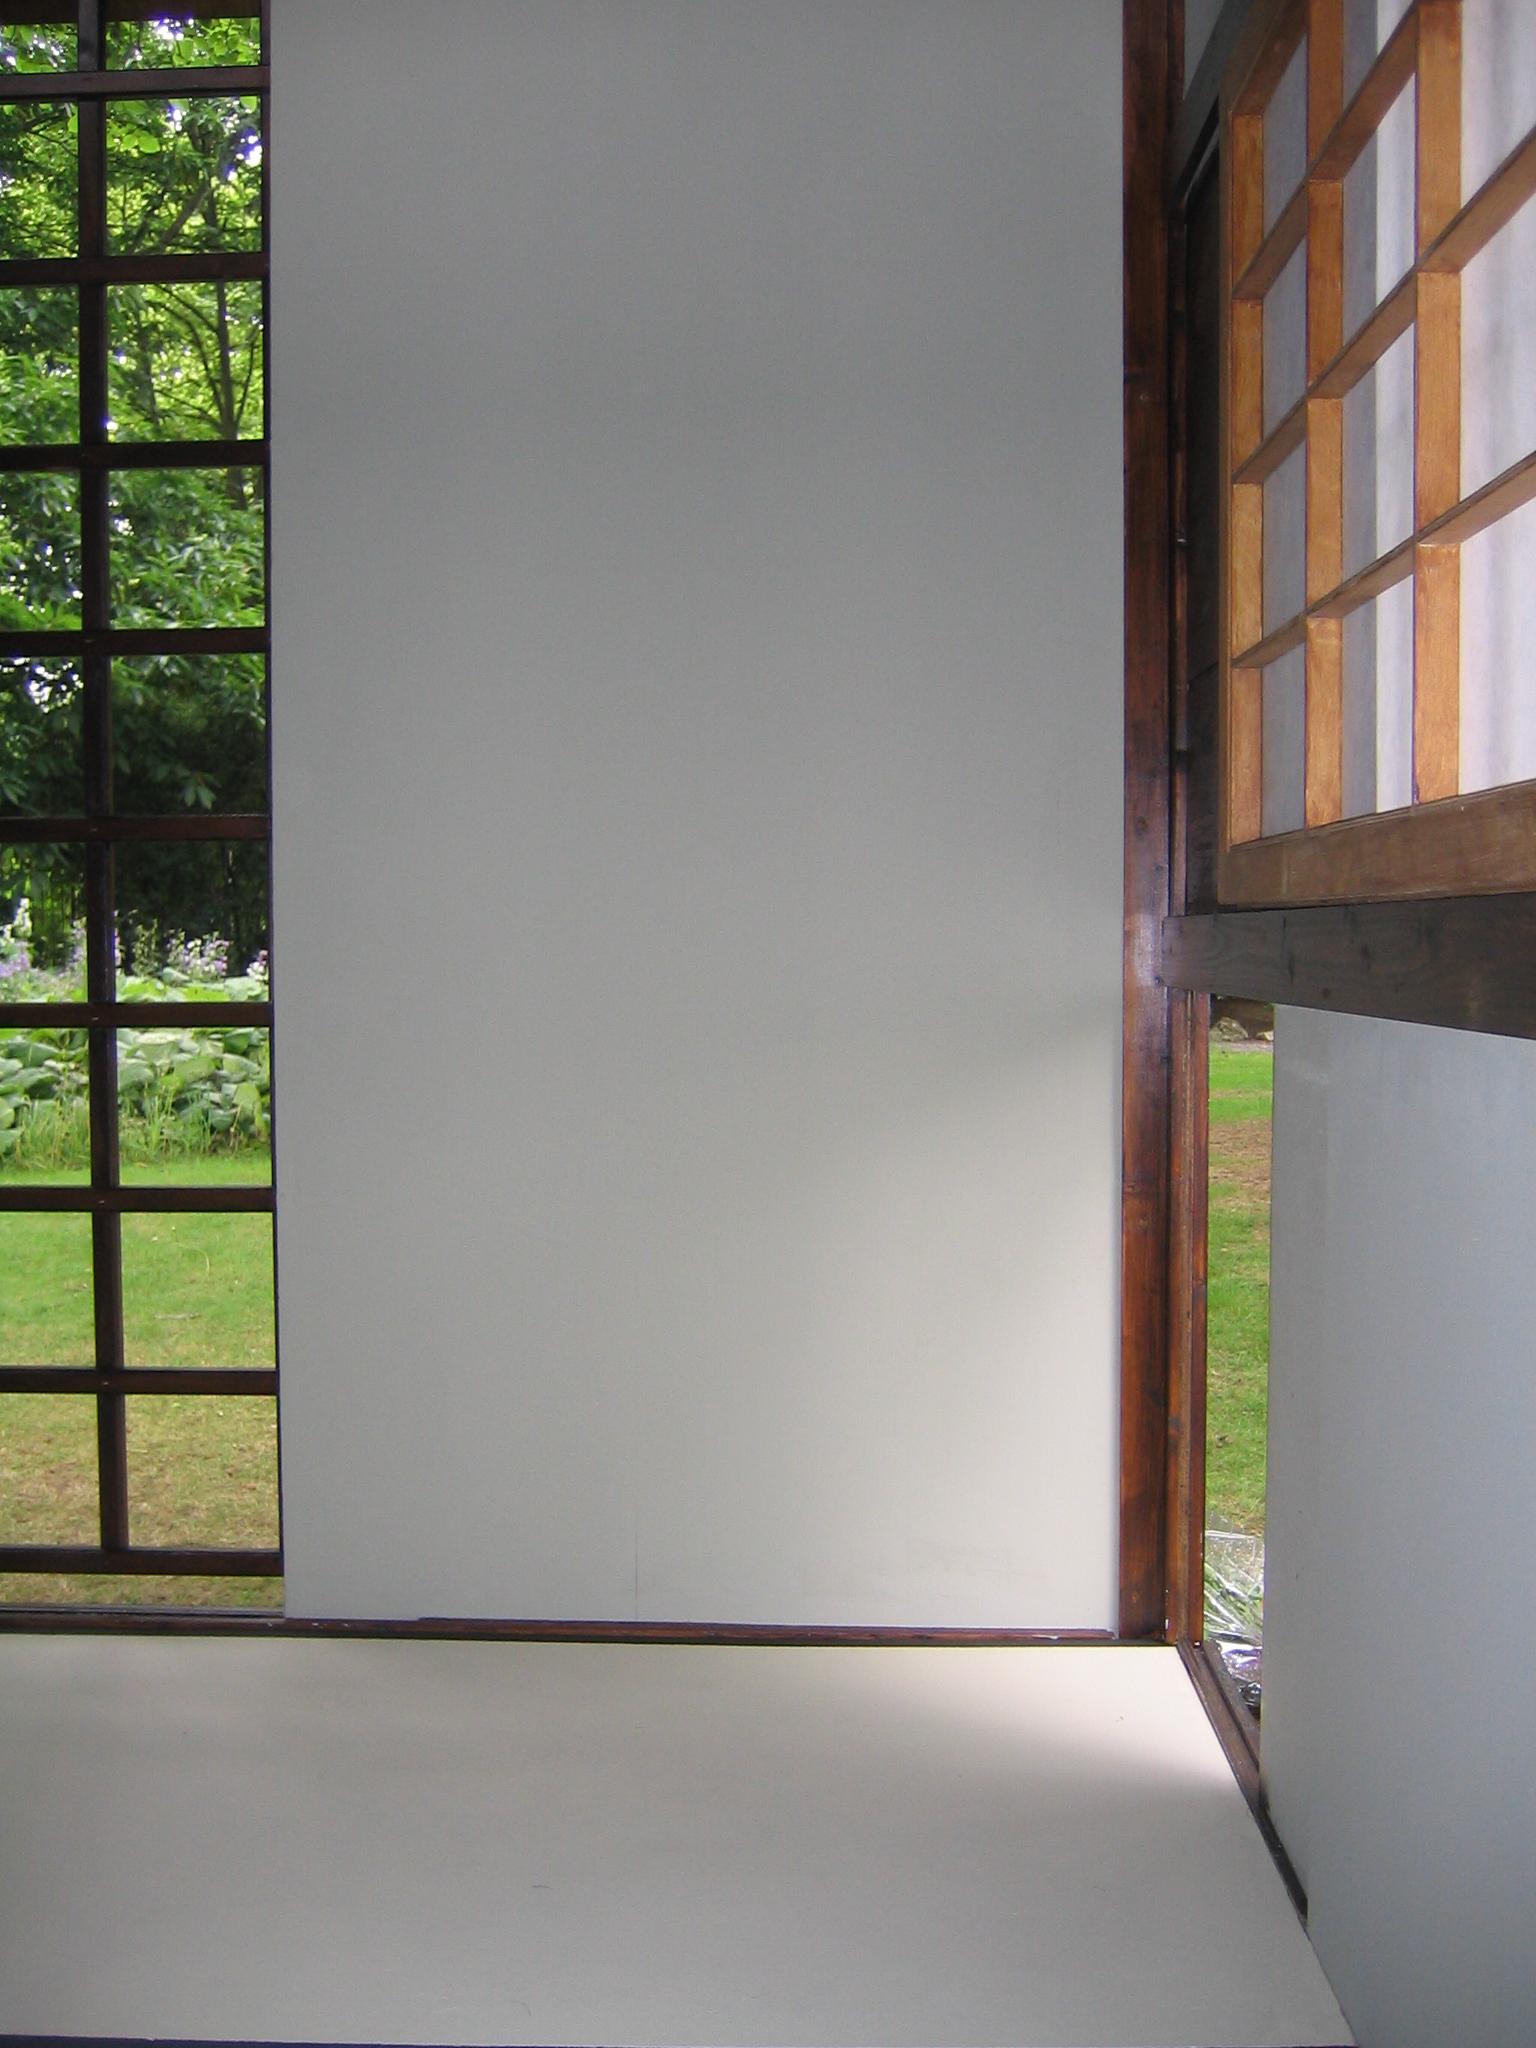 """2005 """"Japanese Tea house""""Three mat, non functional outdoor sculpture at the Harold Martin Botanic Garden, Leicester, England."""